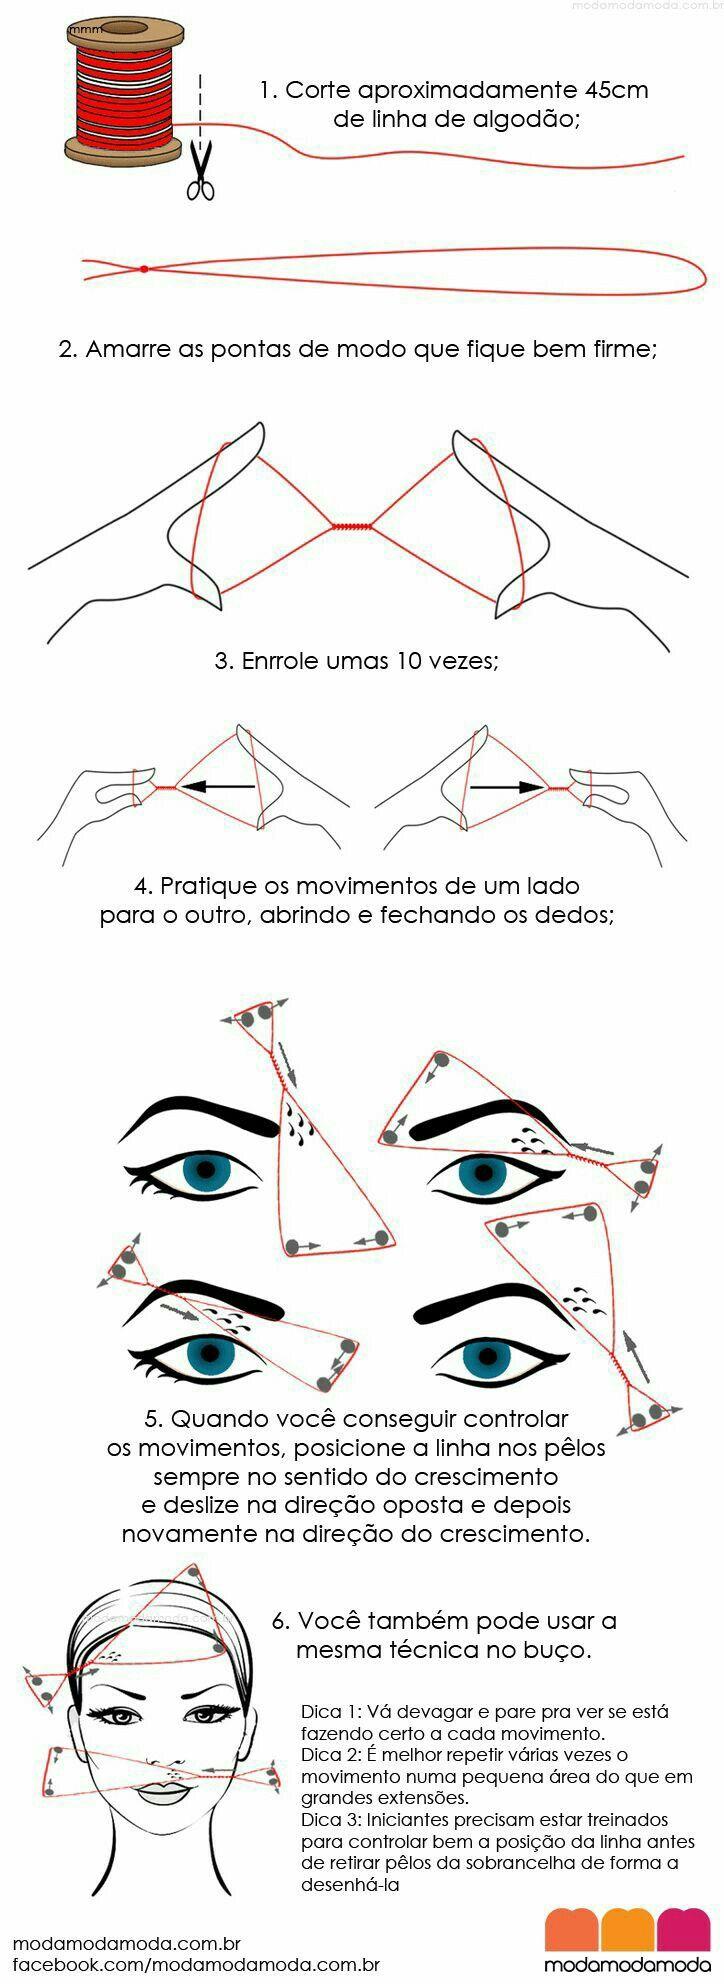 O jeito certo de depilar as sobrancelhas e o buço com a linha.